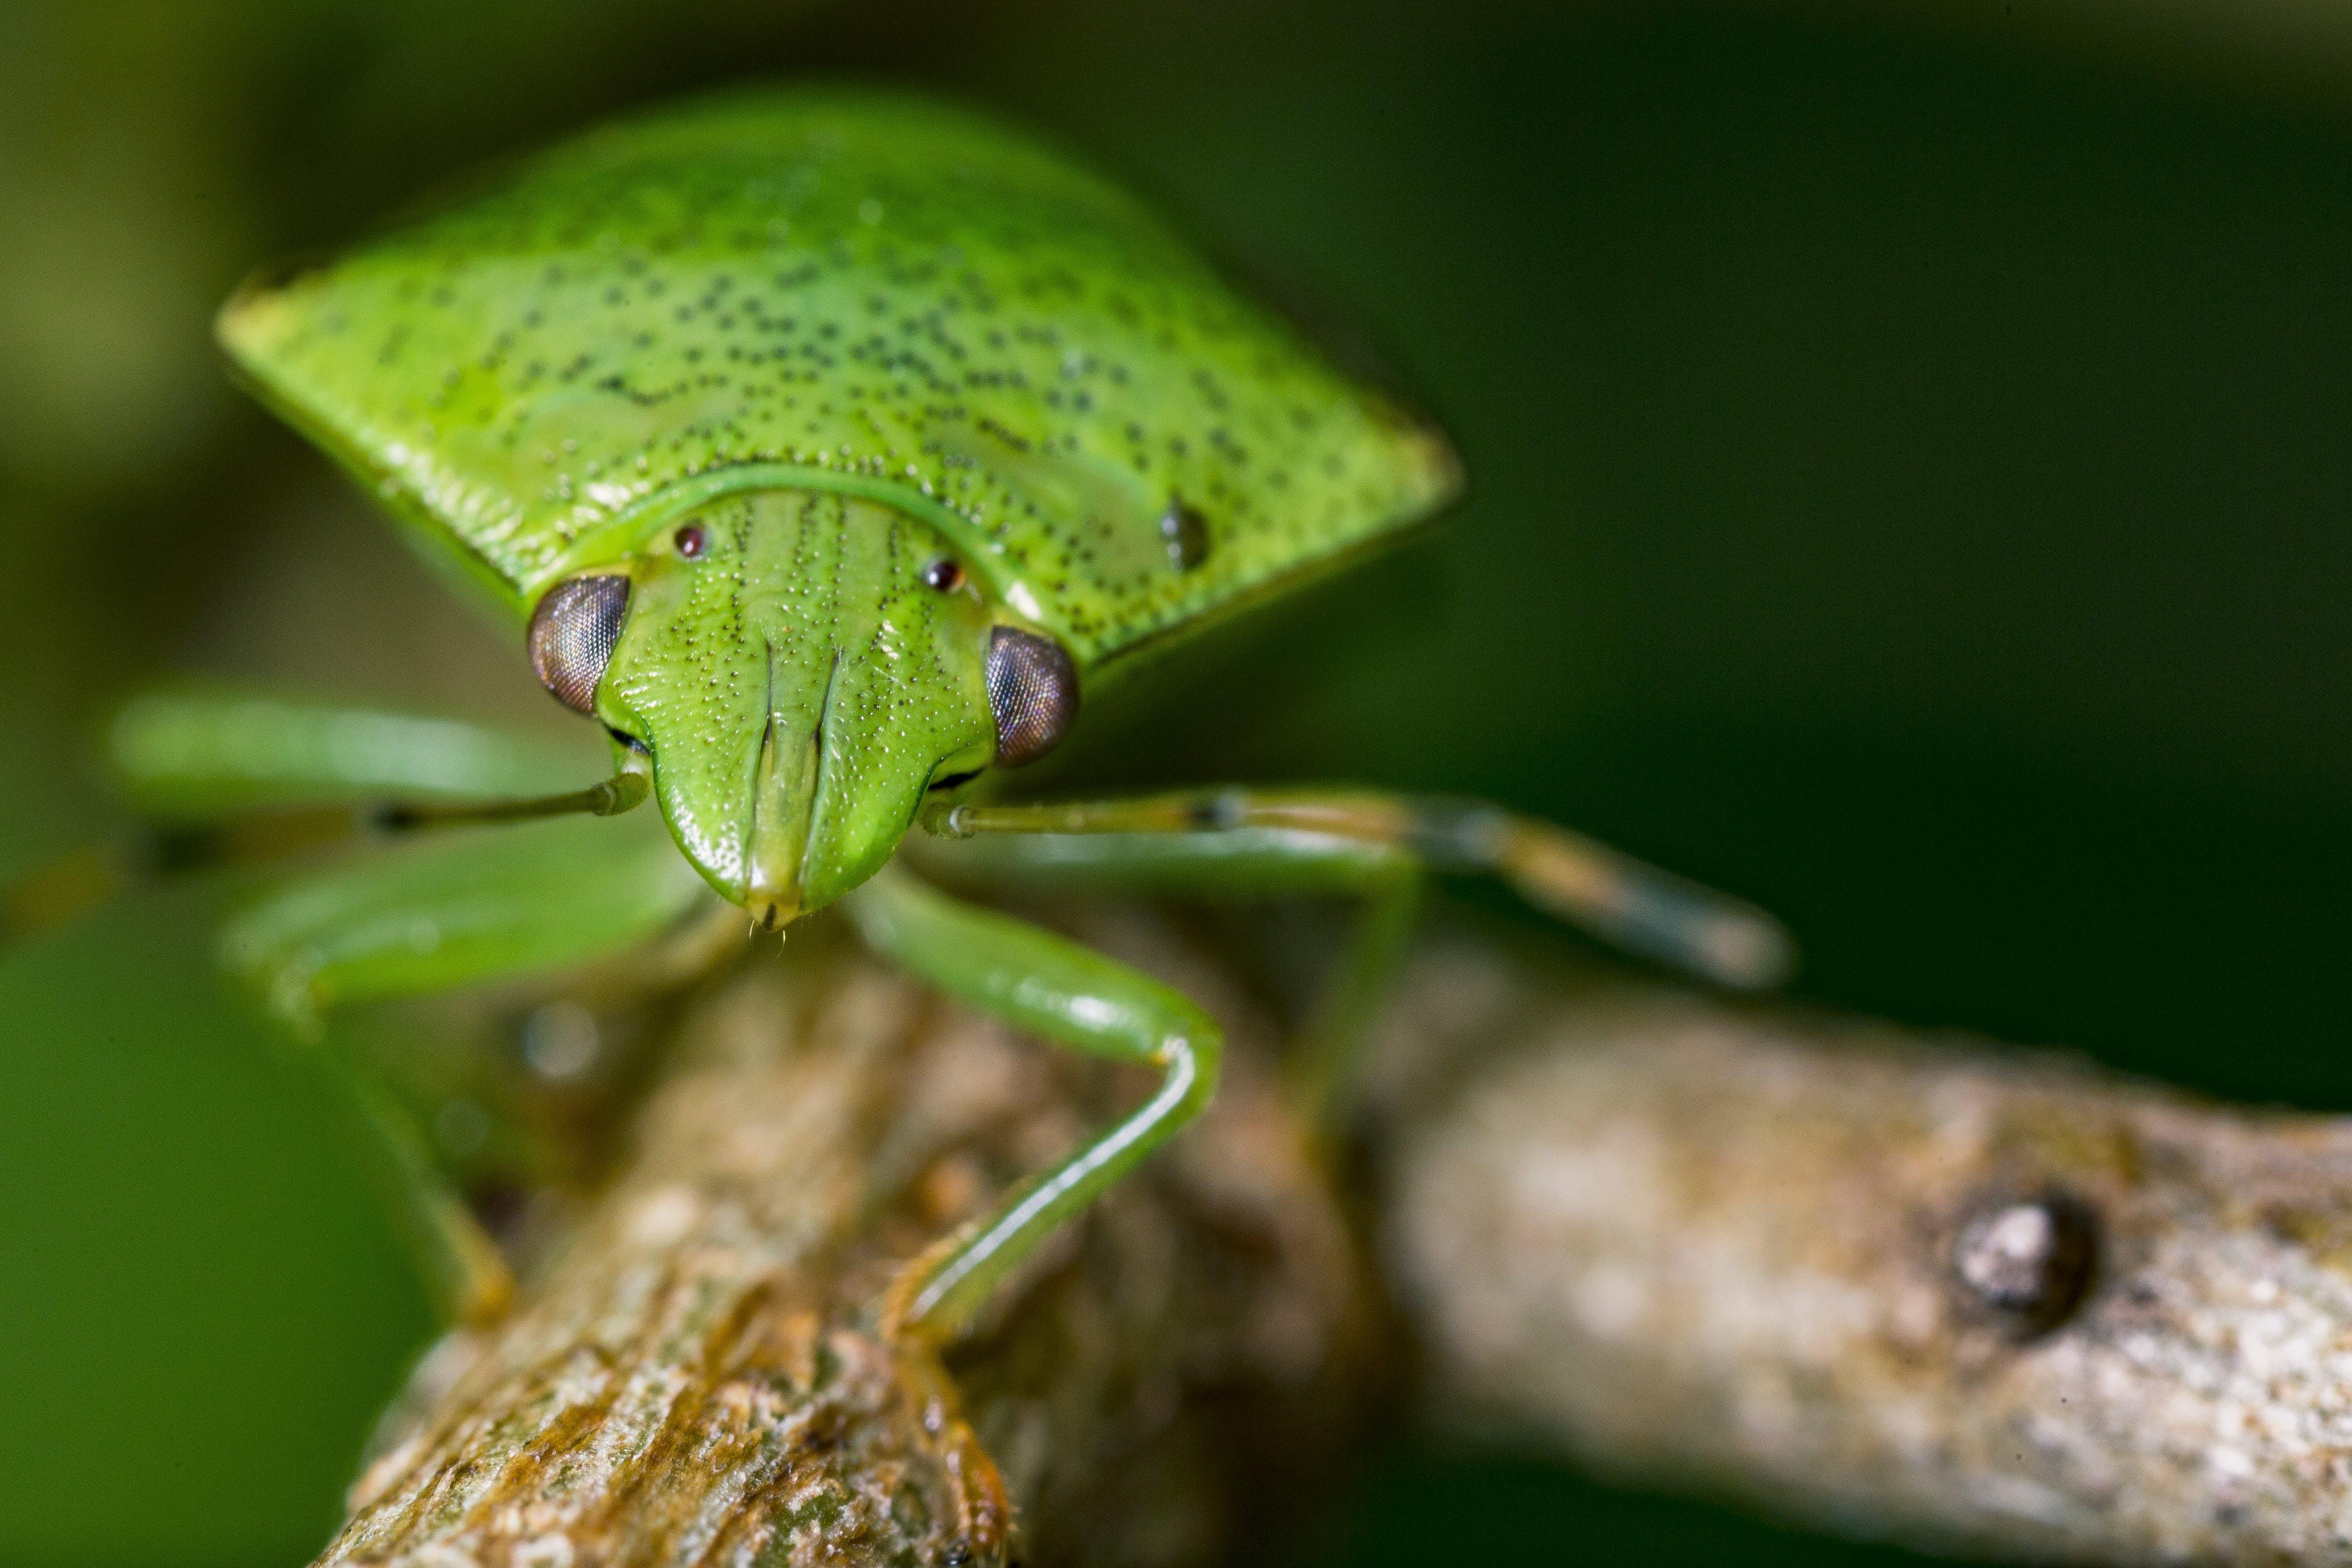 개구리, 곤충, 도마뱀, 동물의 무료 스톡 사진